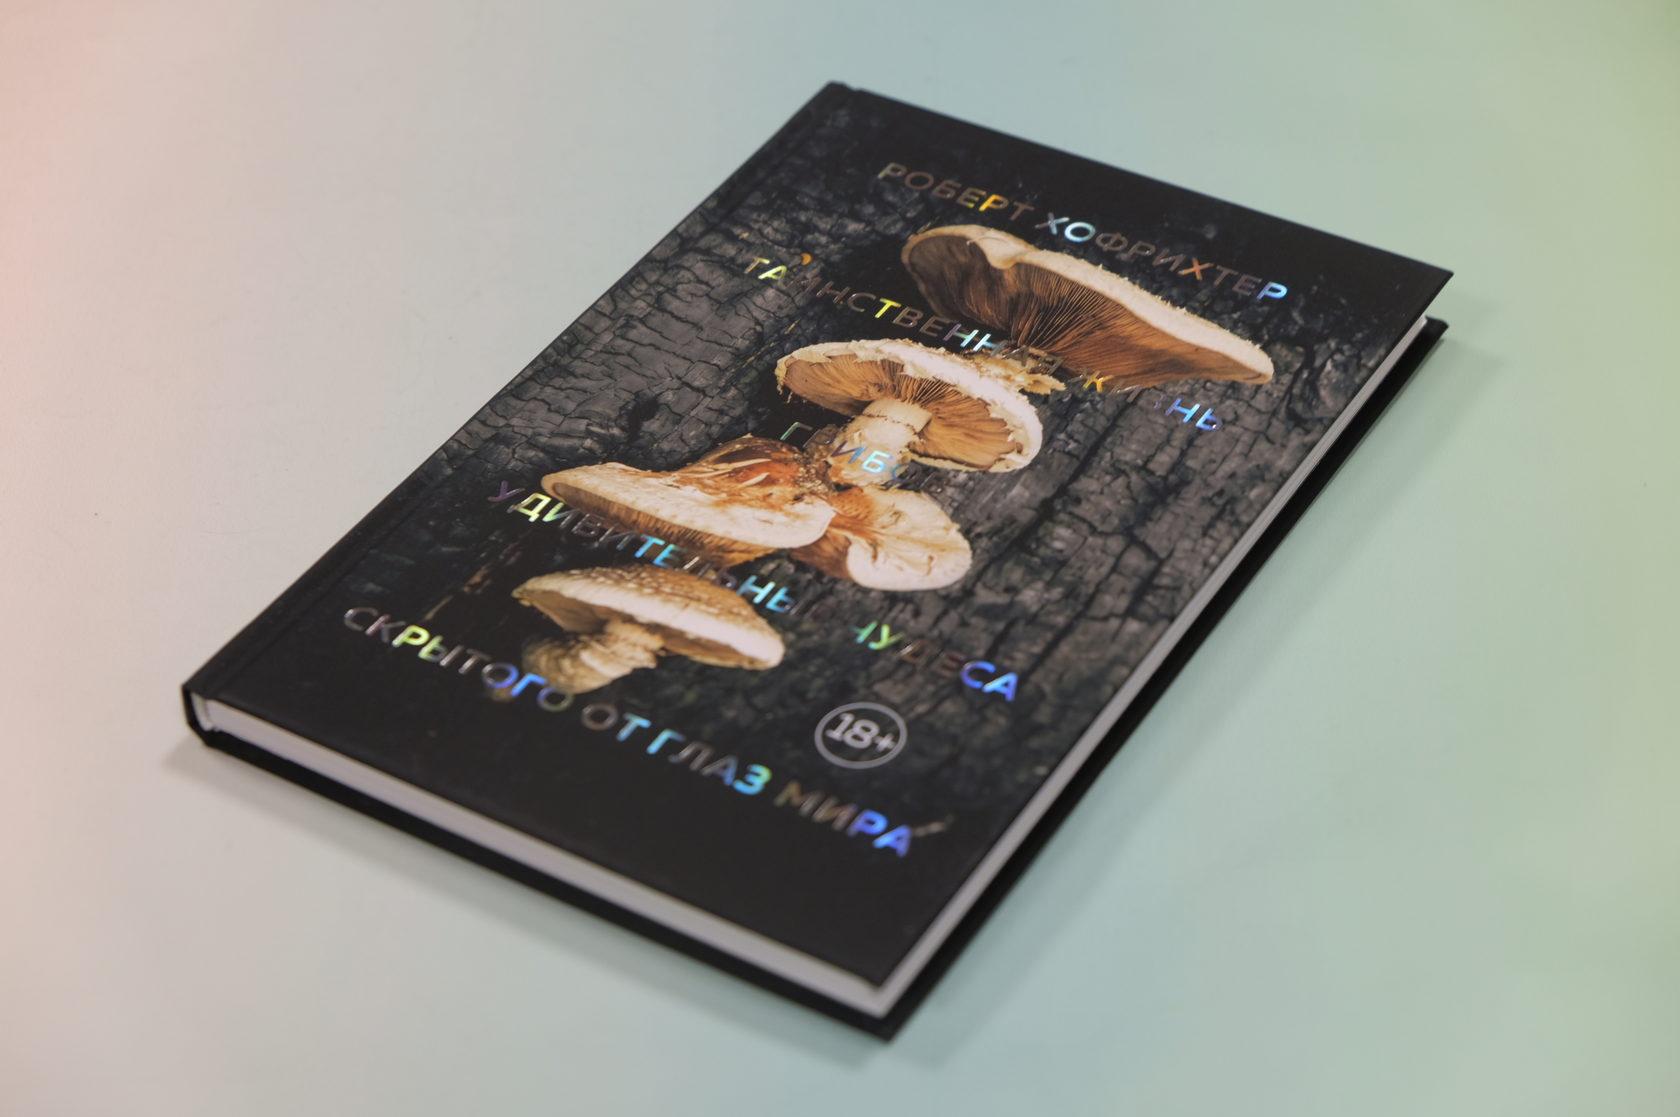 Роберт Хофрихтер «Таинственная жизнь грибов. Удивительные чудеса скрытого от глаз мира» 978-5-389-16009-5